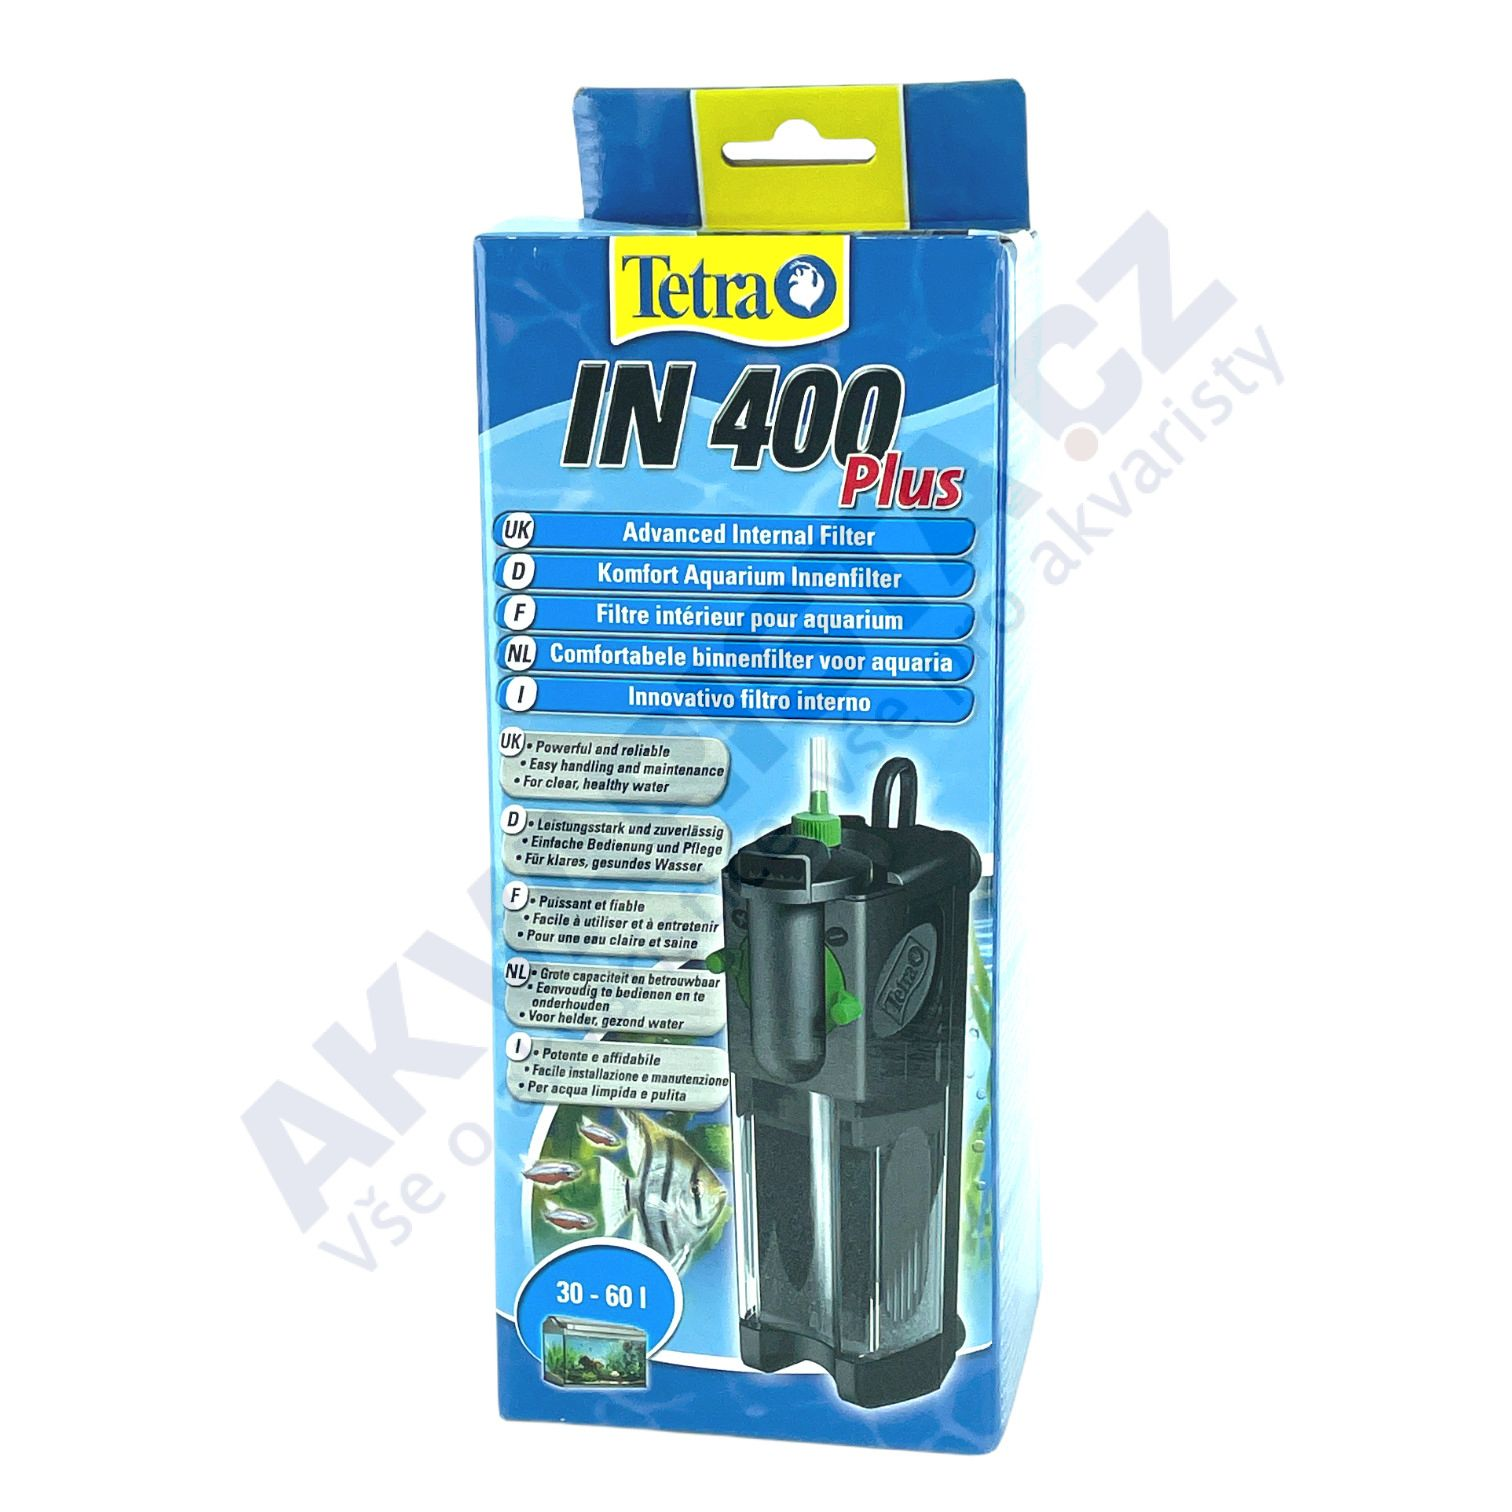 TetraTec IN 400, vnitřní filtr